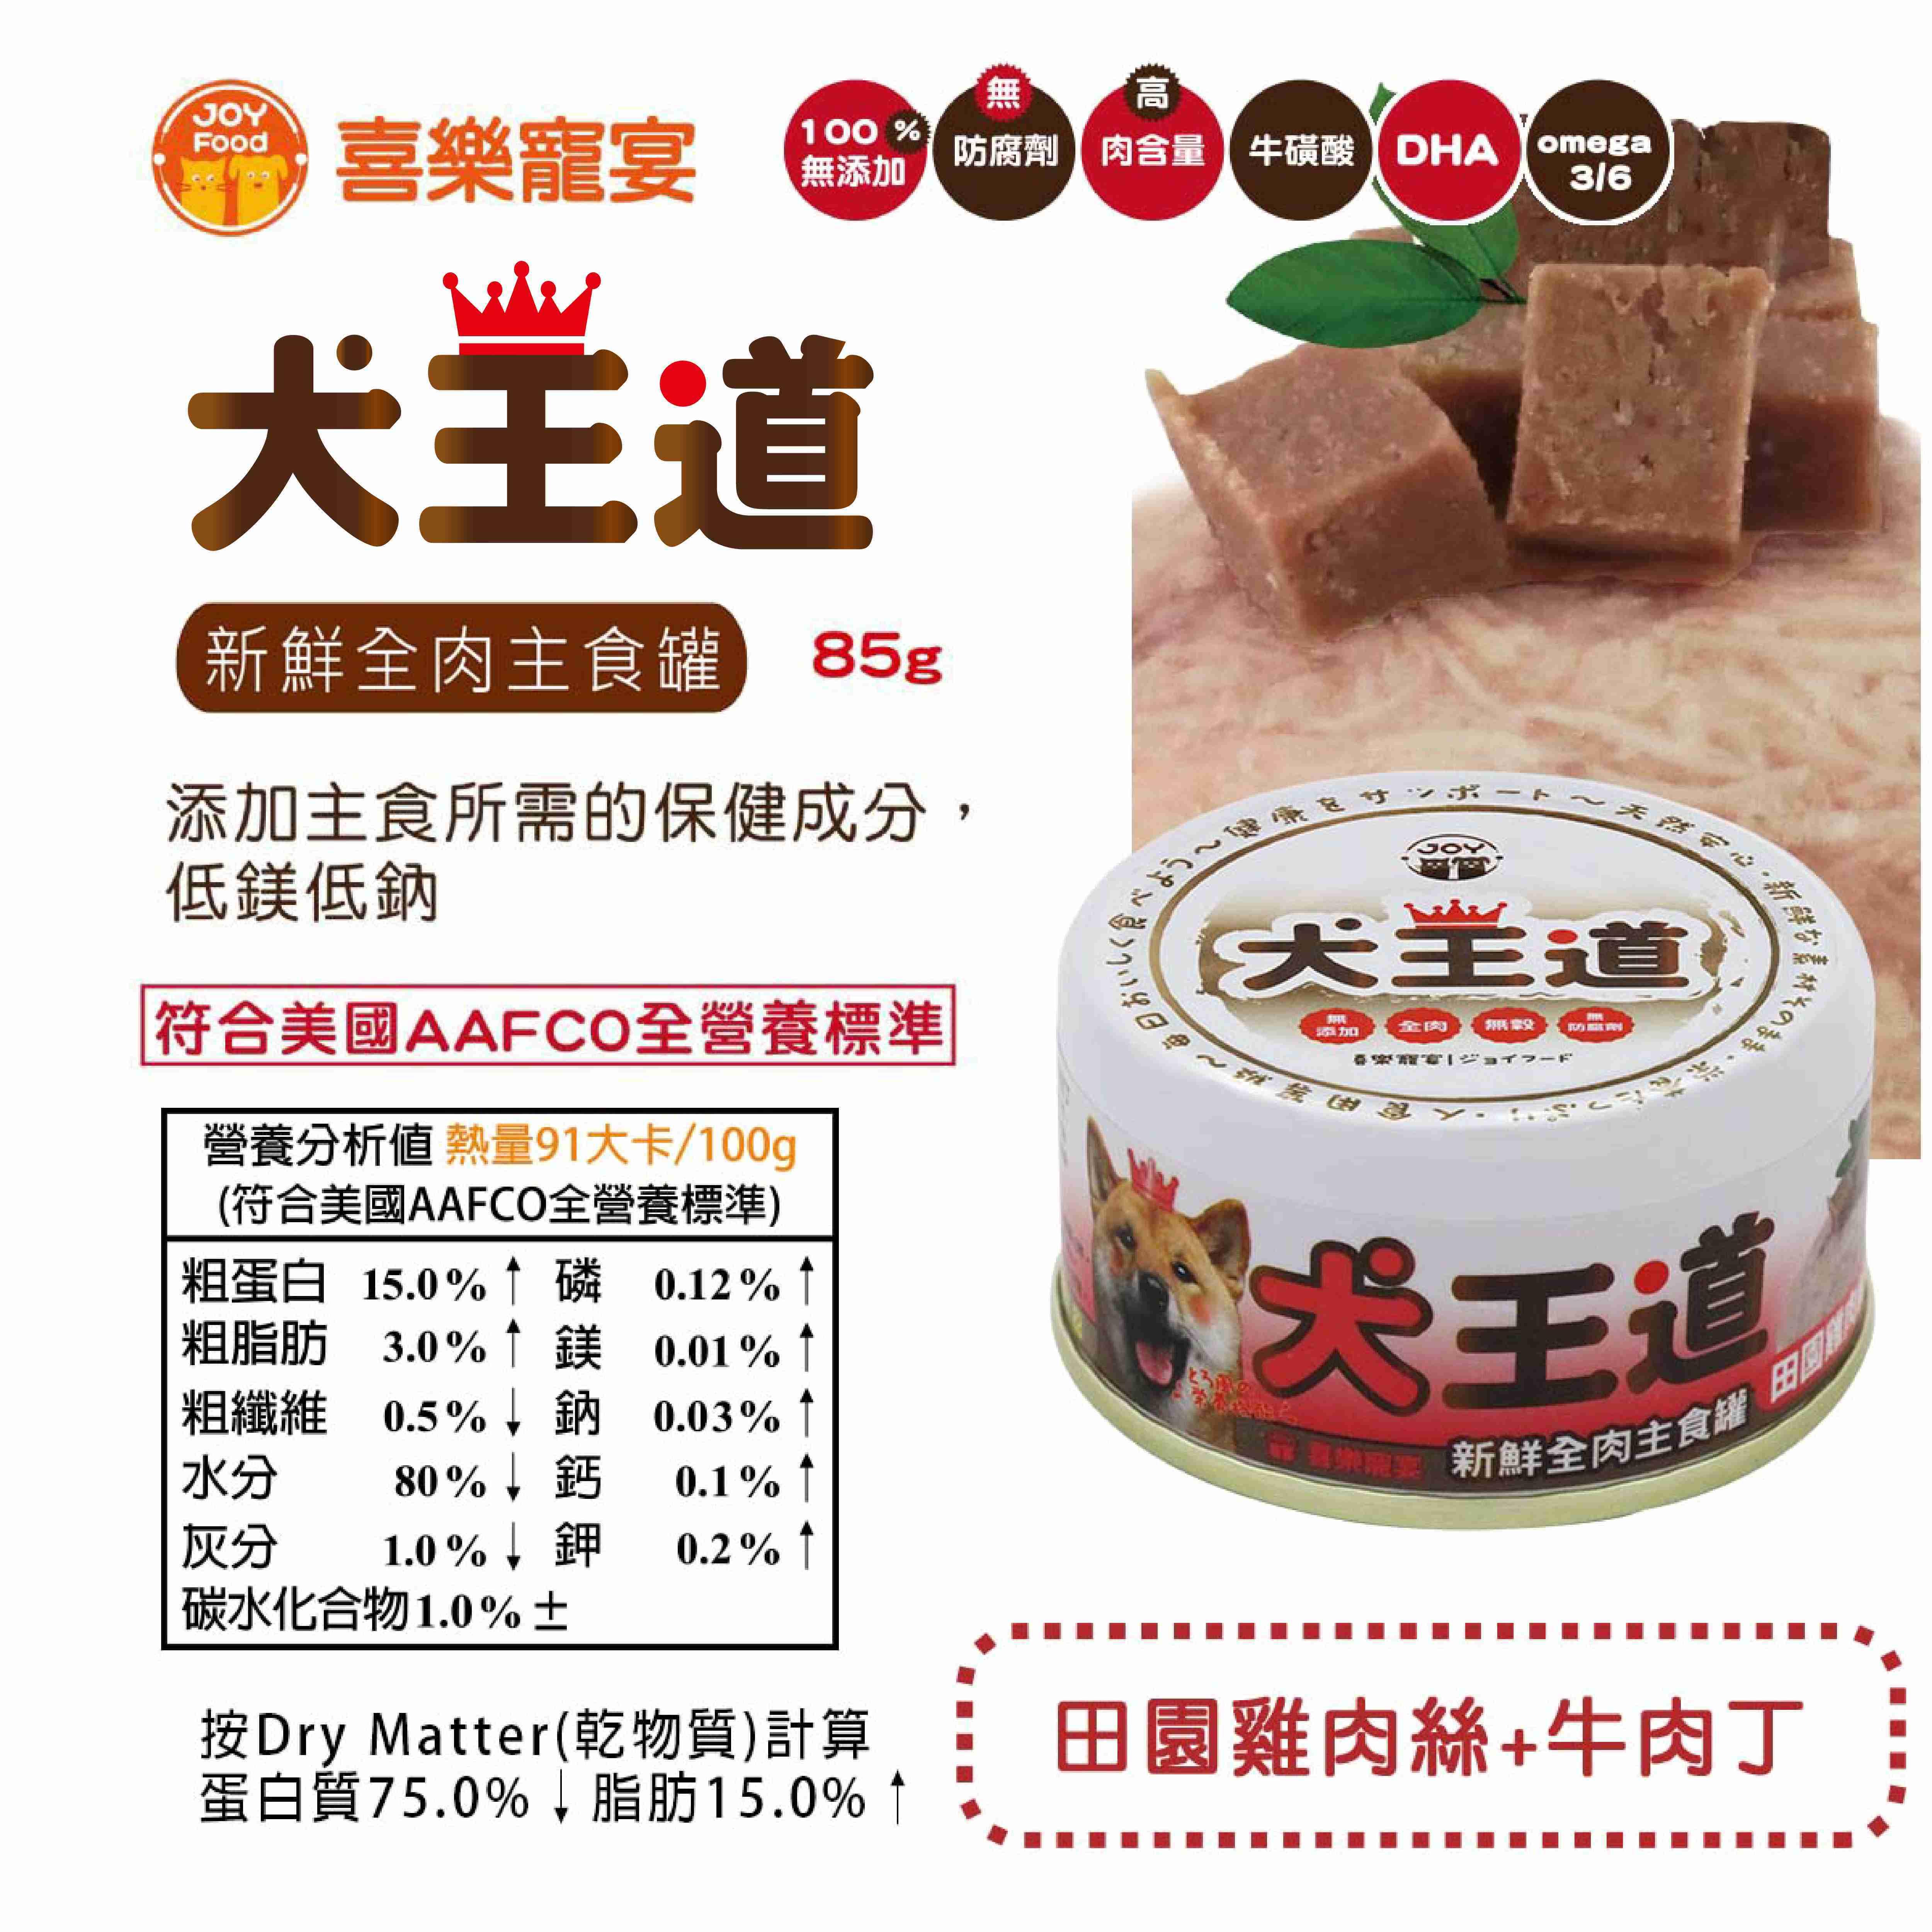 喜樂寵宴-犬王道之新鮮全肉主食罐-田園雞肉絲+牛肉丁 (24罐/盒)